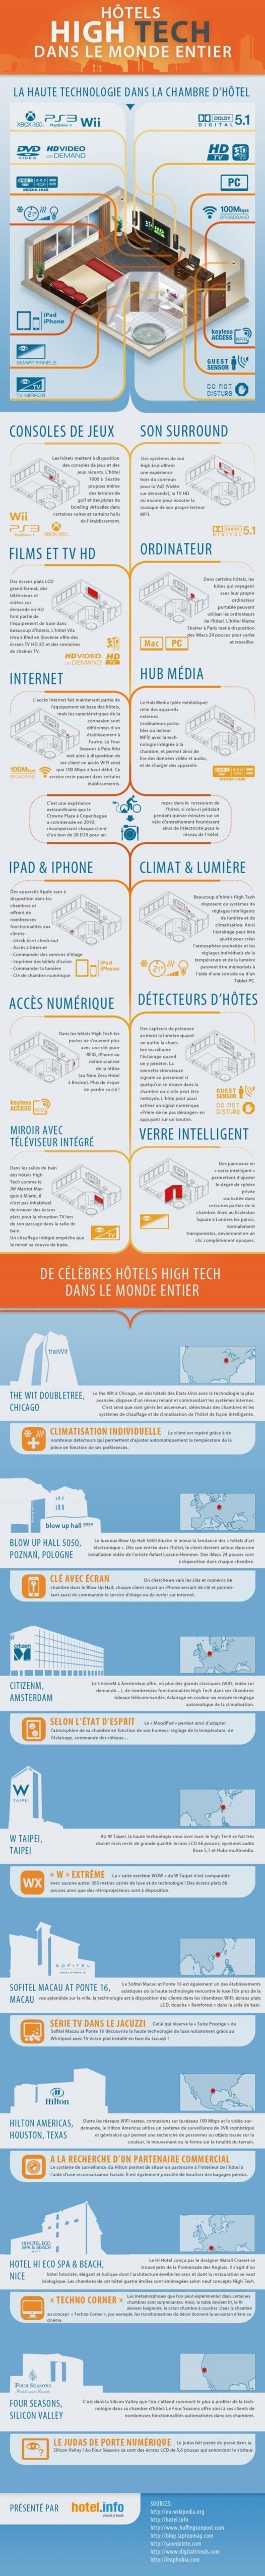 Ou trouver les hôtels les plus High Tech dans le monde? (infographie)